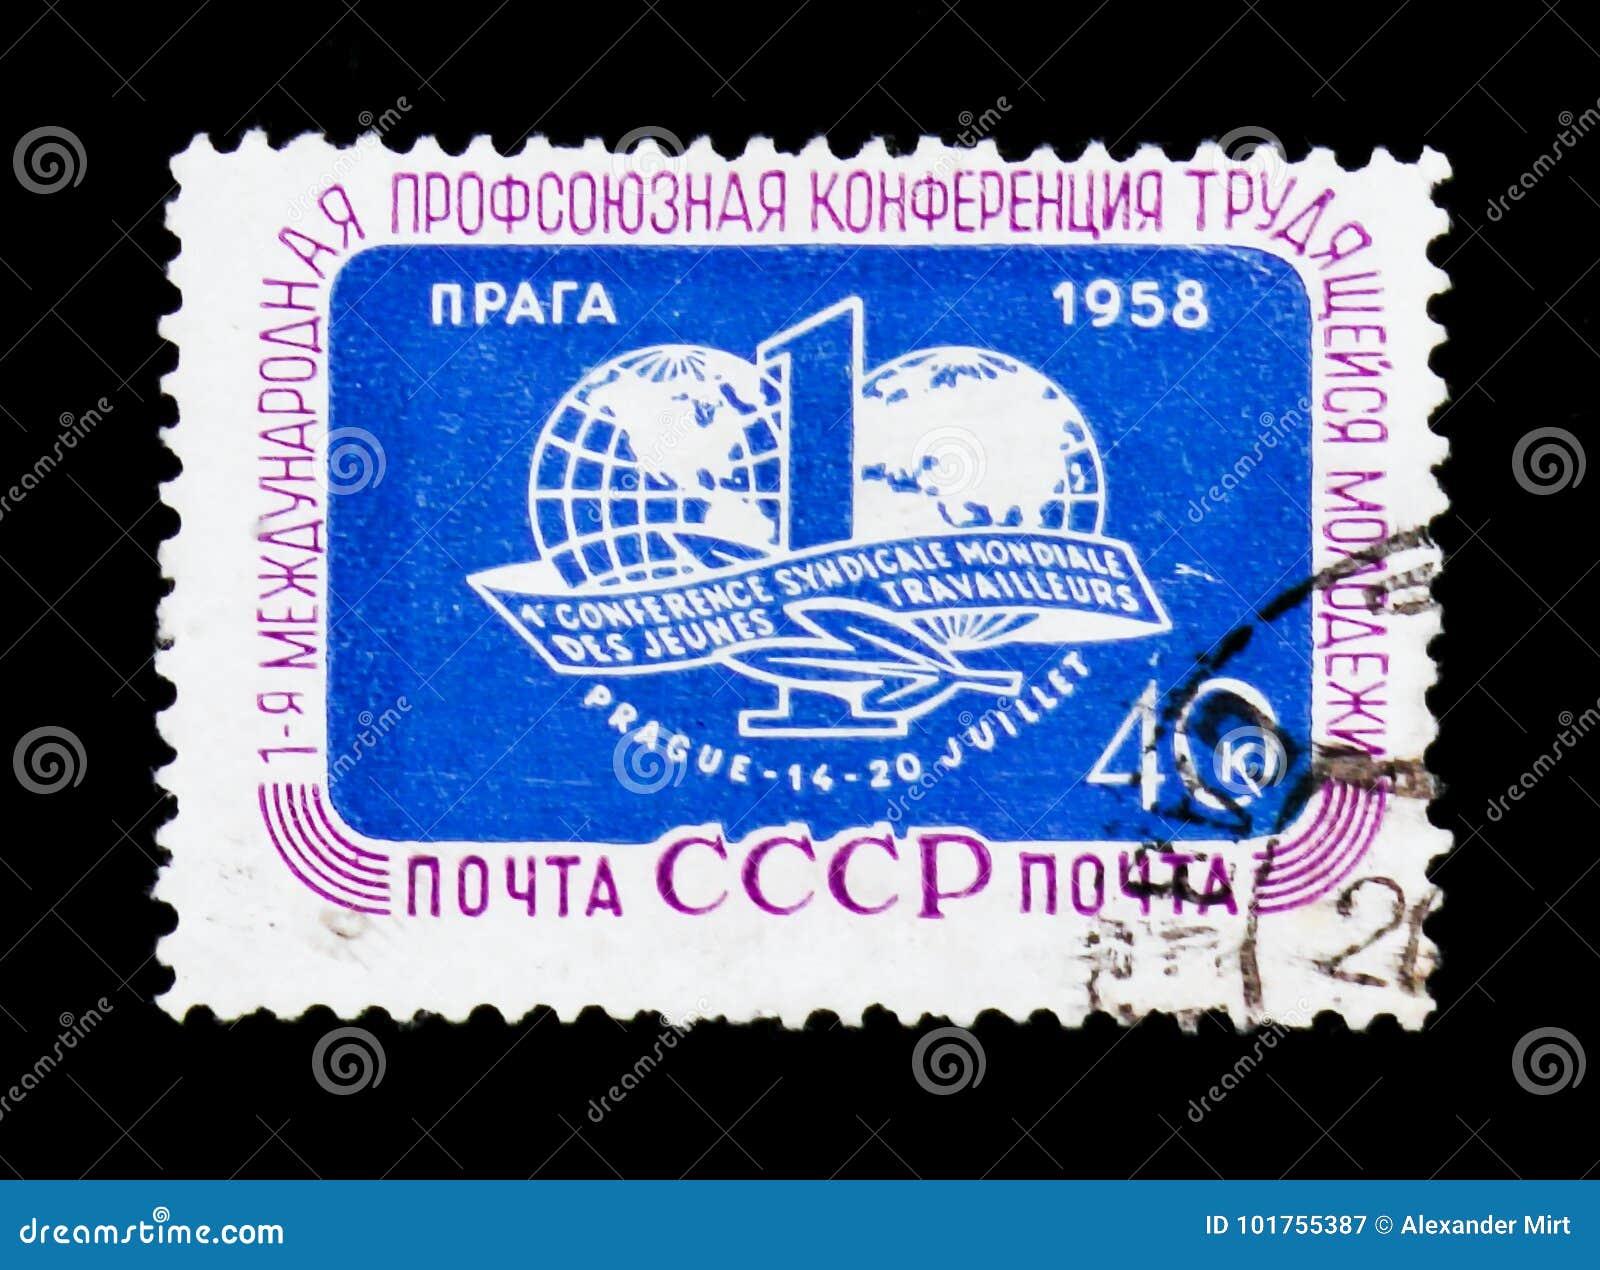 Le premier congrès international des communautés commerciales, vers 1958